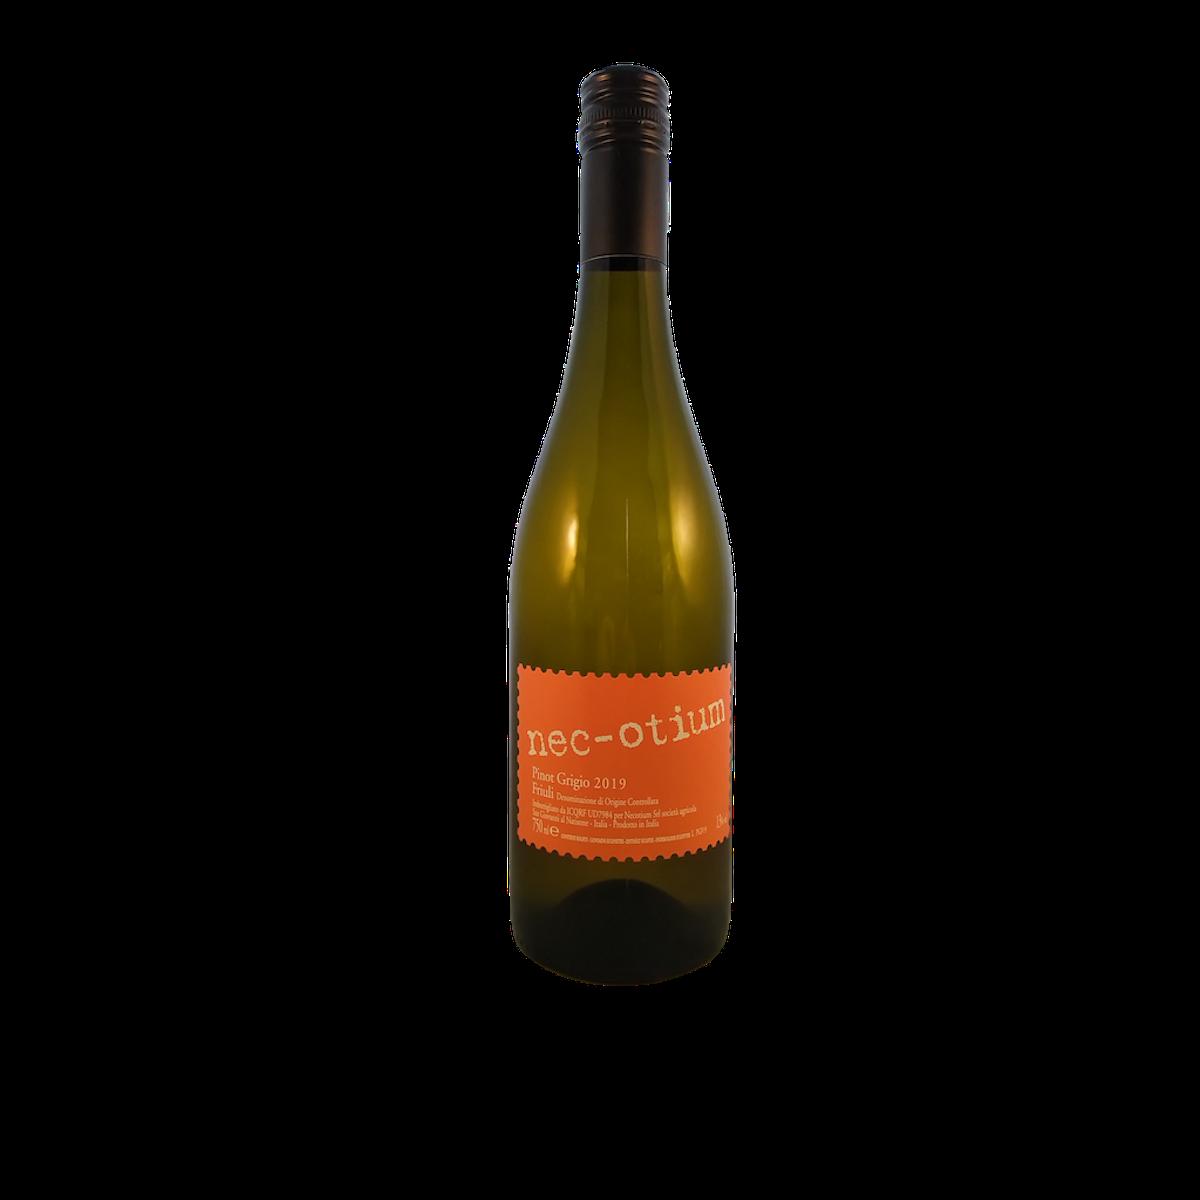 Pinot Grigio 'Nec-Otium'